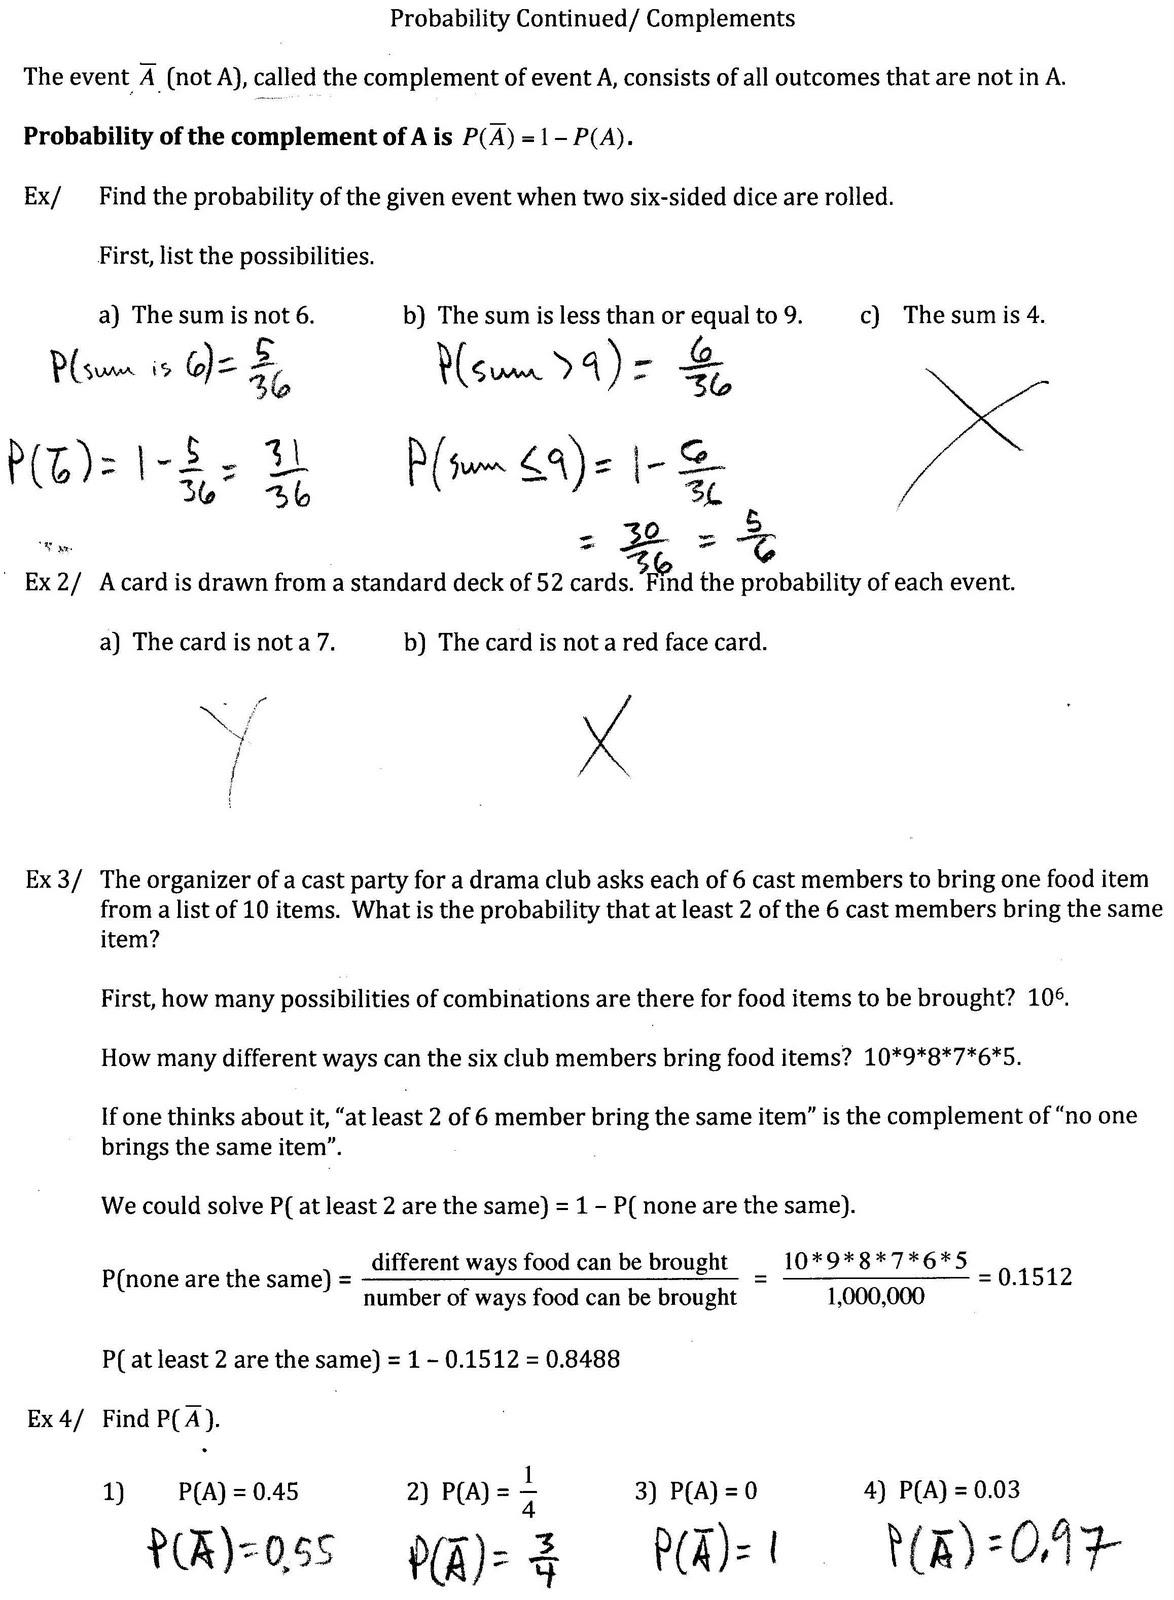 Hilfe bei statistischen Hausaufgaben online